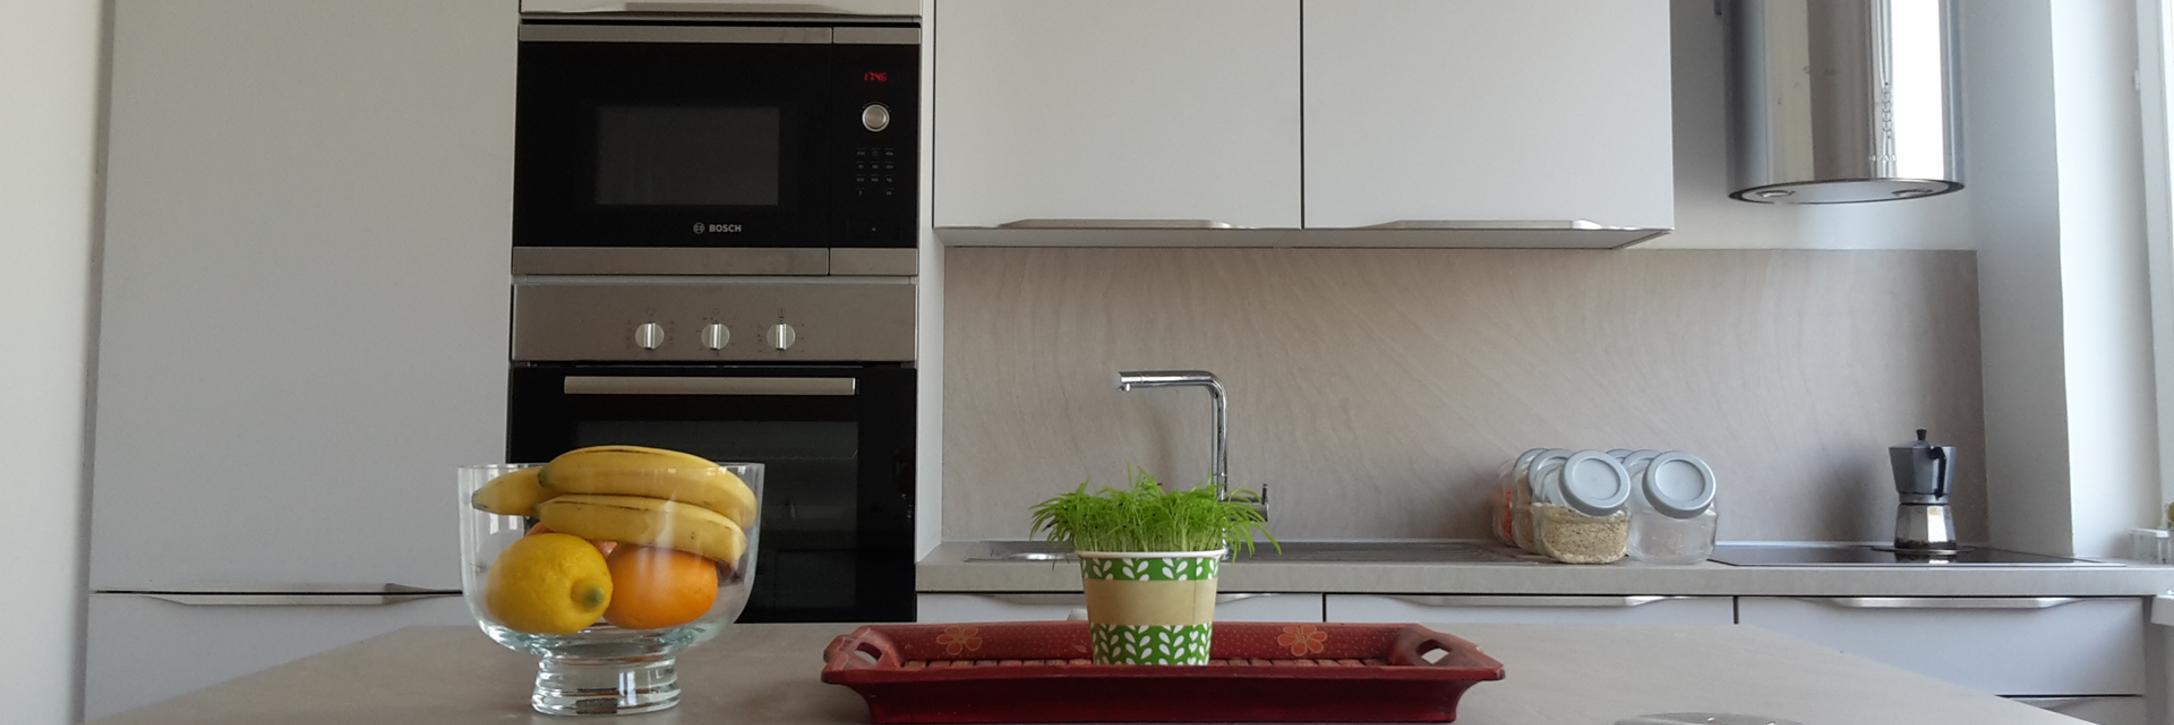 Conciergerie bruxelles accueil nettoyage et blanchisserie location court terme airbnb - Location appartement meuble bruxelles court terme ...